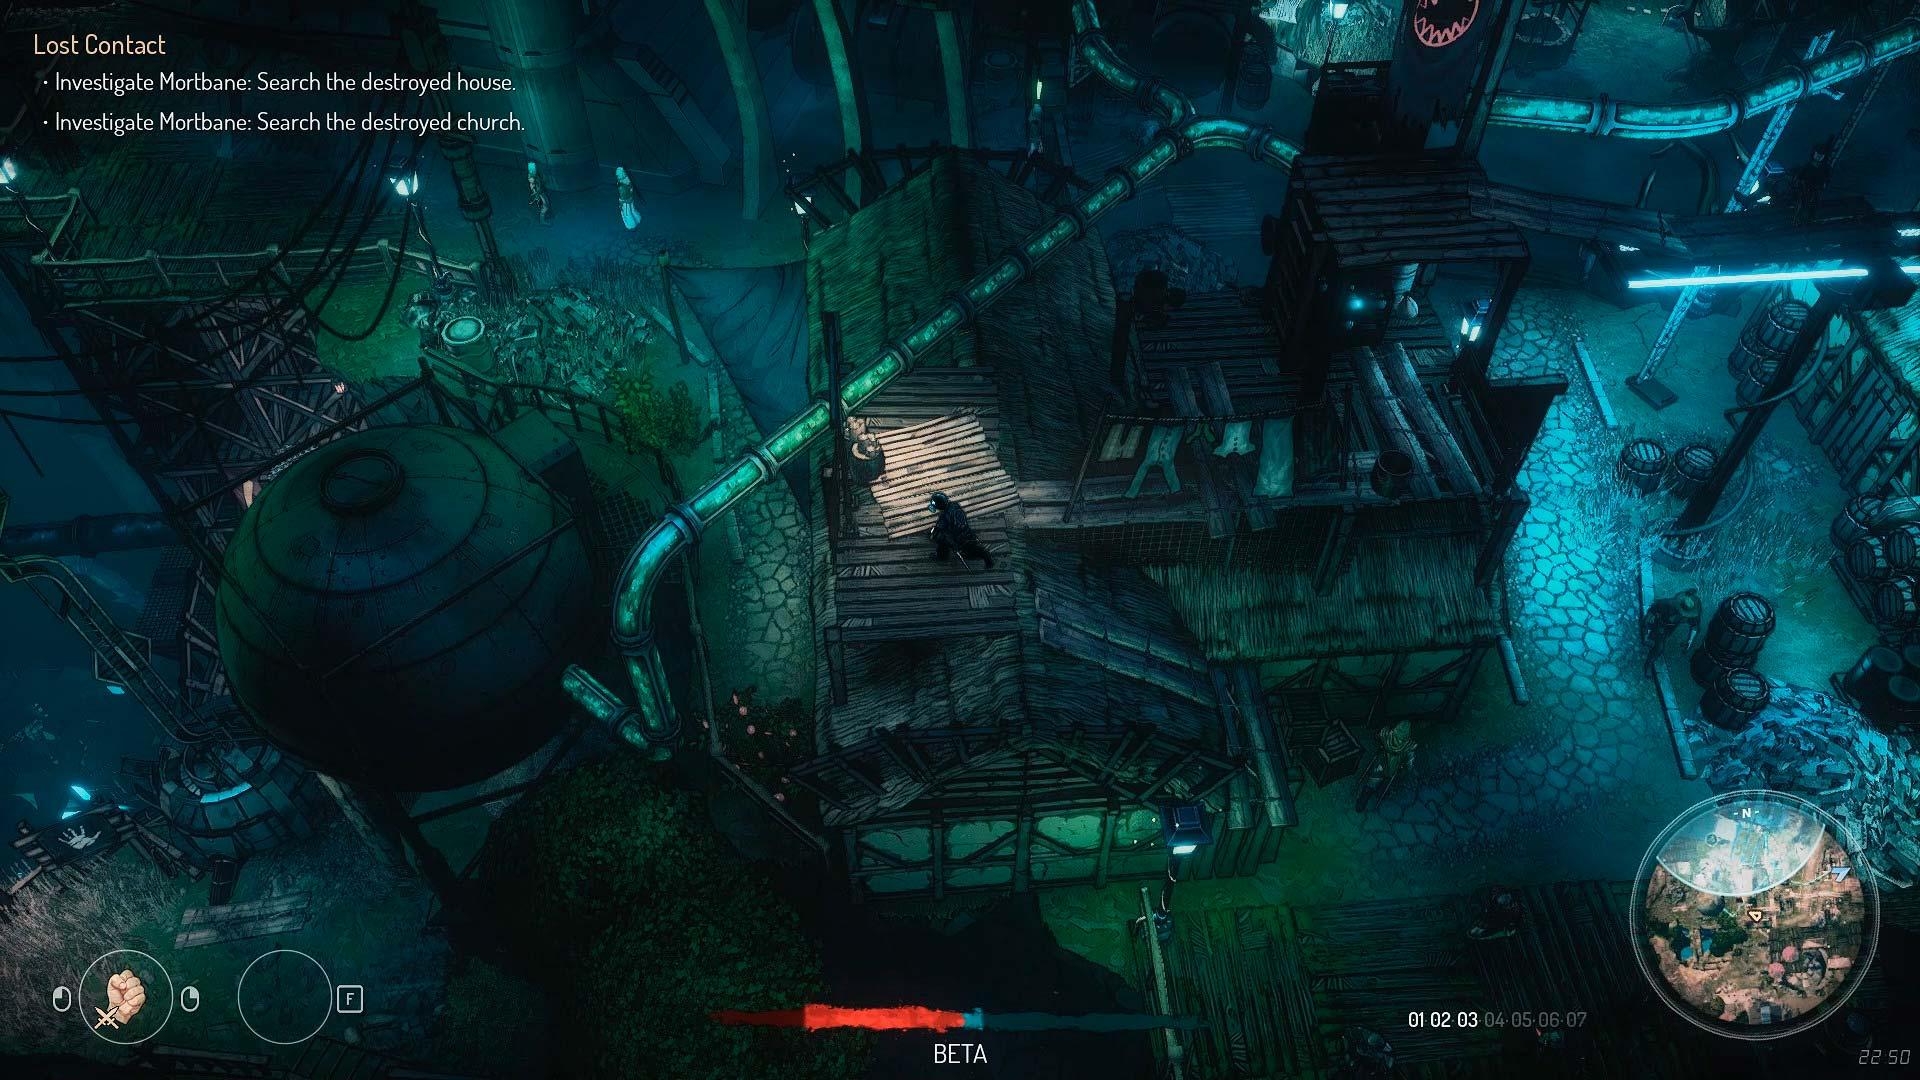 Скриншоты к Seven: The Days Long Gone v1.0.1 на русском | Repack от xatab